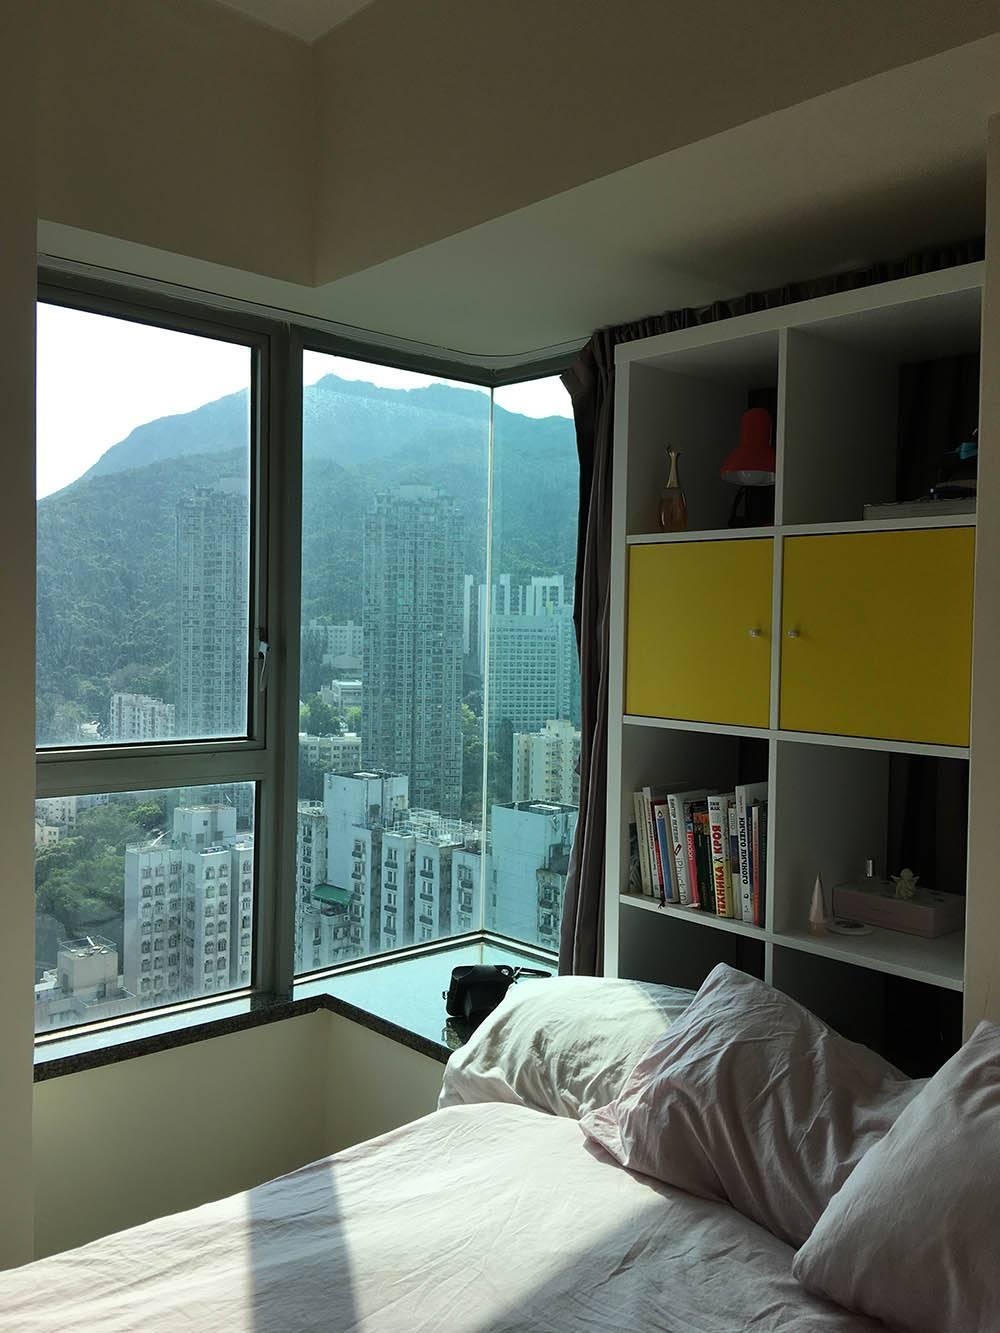 Вид с порога нашей спальни. Второй бок кровати стоит вплотную к стене. Дверь в спальню закрыть невозможно, мешает матрас. Зато какой вид из окна